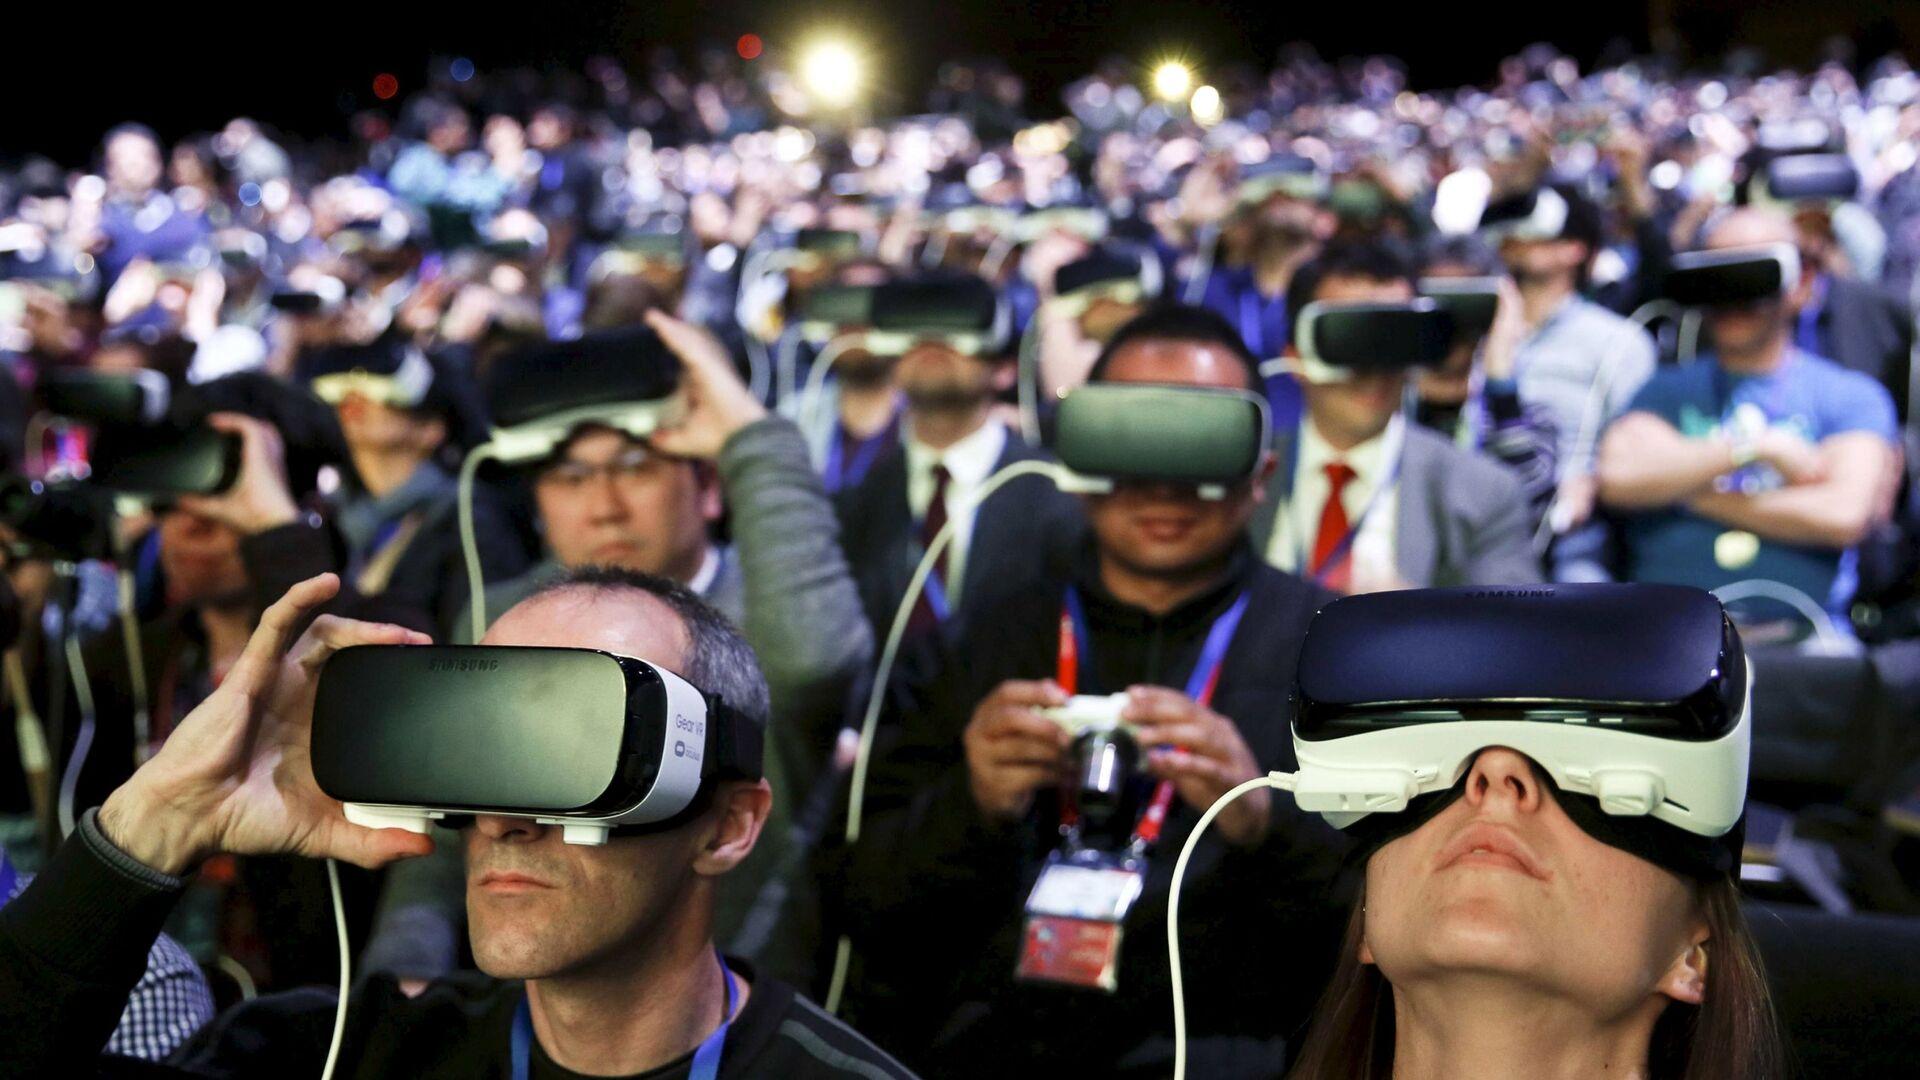 Люди в очках виртуальной реальности Samsung Gear VR на презентации нового смартфона Samsung S7 в Барселоне - Sputnik Polska, 1920, 26.08.2021